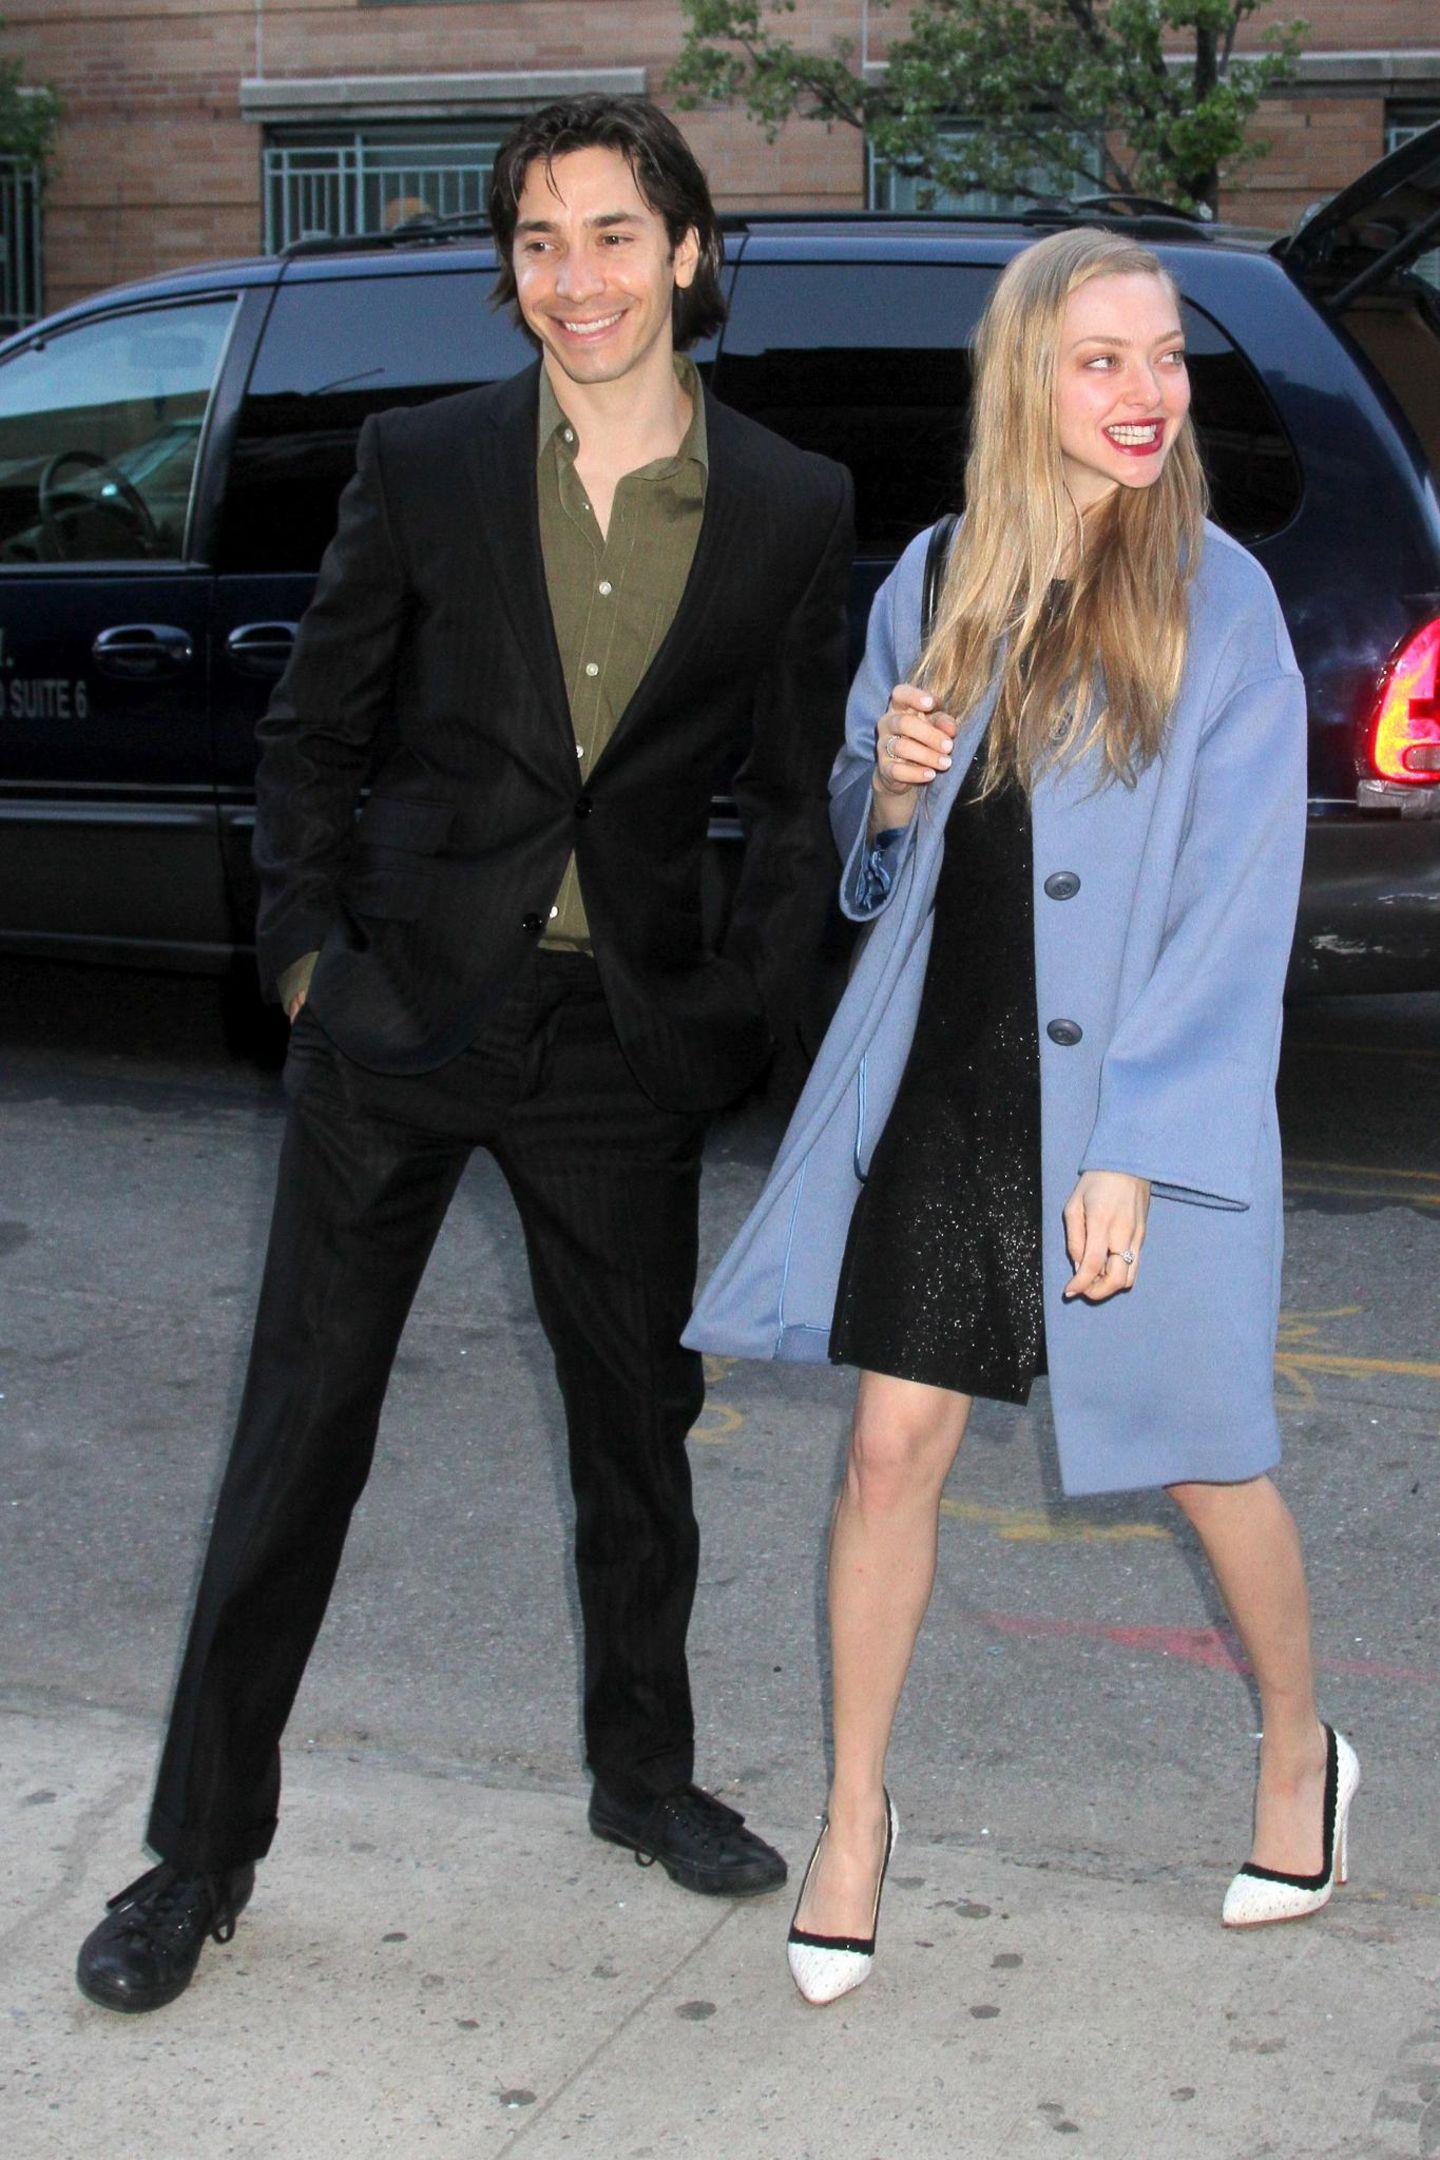 6. Mai 2014: Justin Long und Amanda Seyfried sind auf dem Weg zu einer Charity-Veranstaltung in New York. Die Schauspieler sind seit Längerem ein Paar, hatten sich bisher aber kaum gemeinsam bei Veranstaltungen gezeigt.